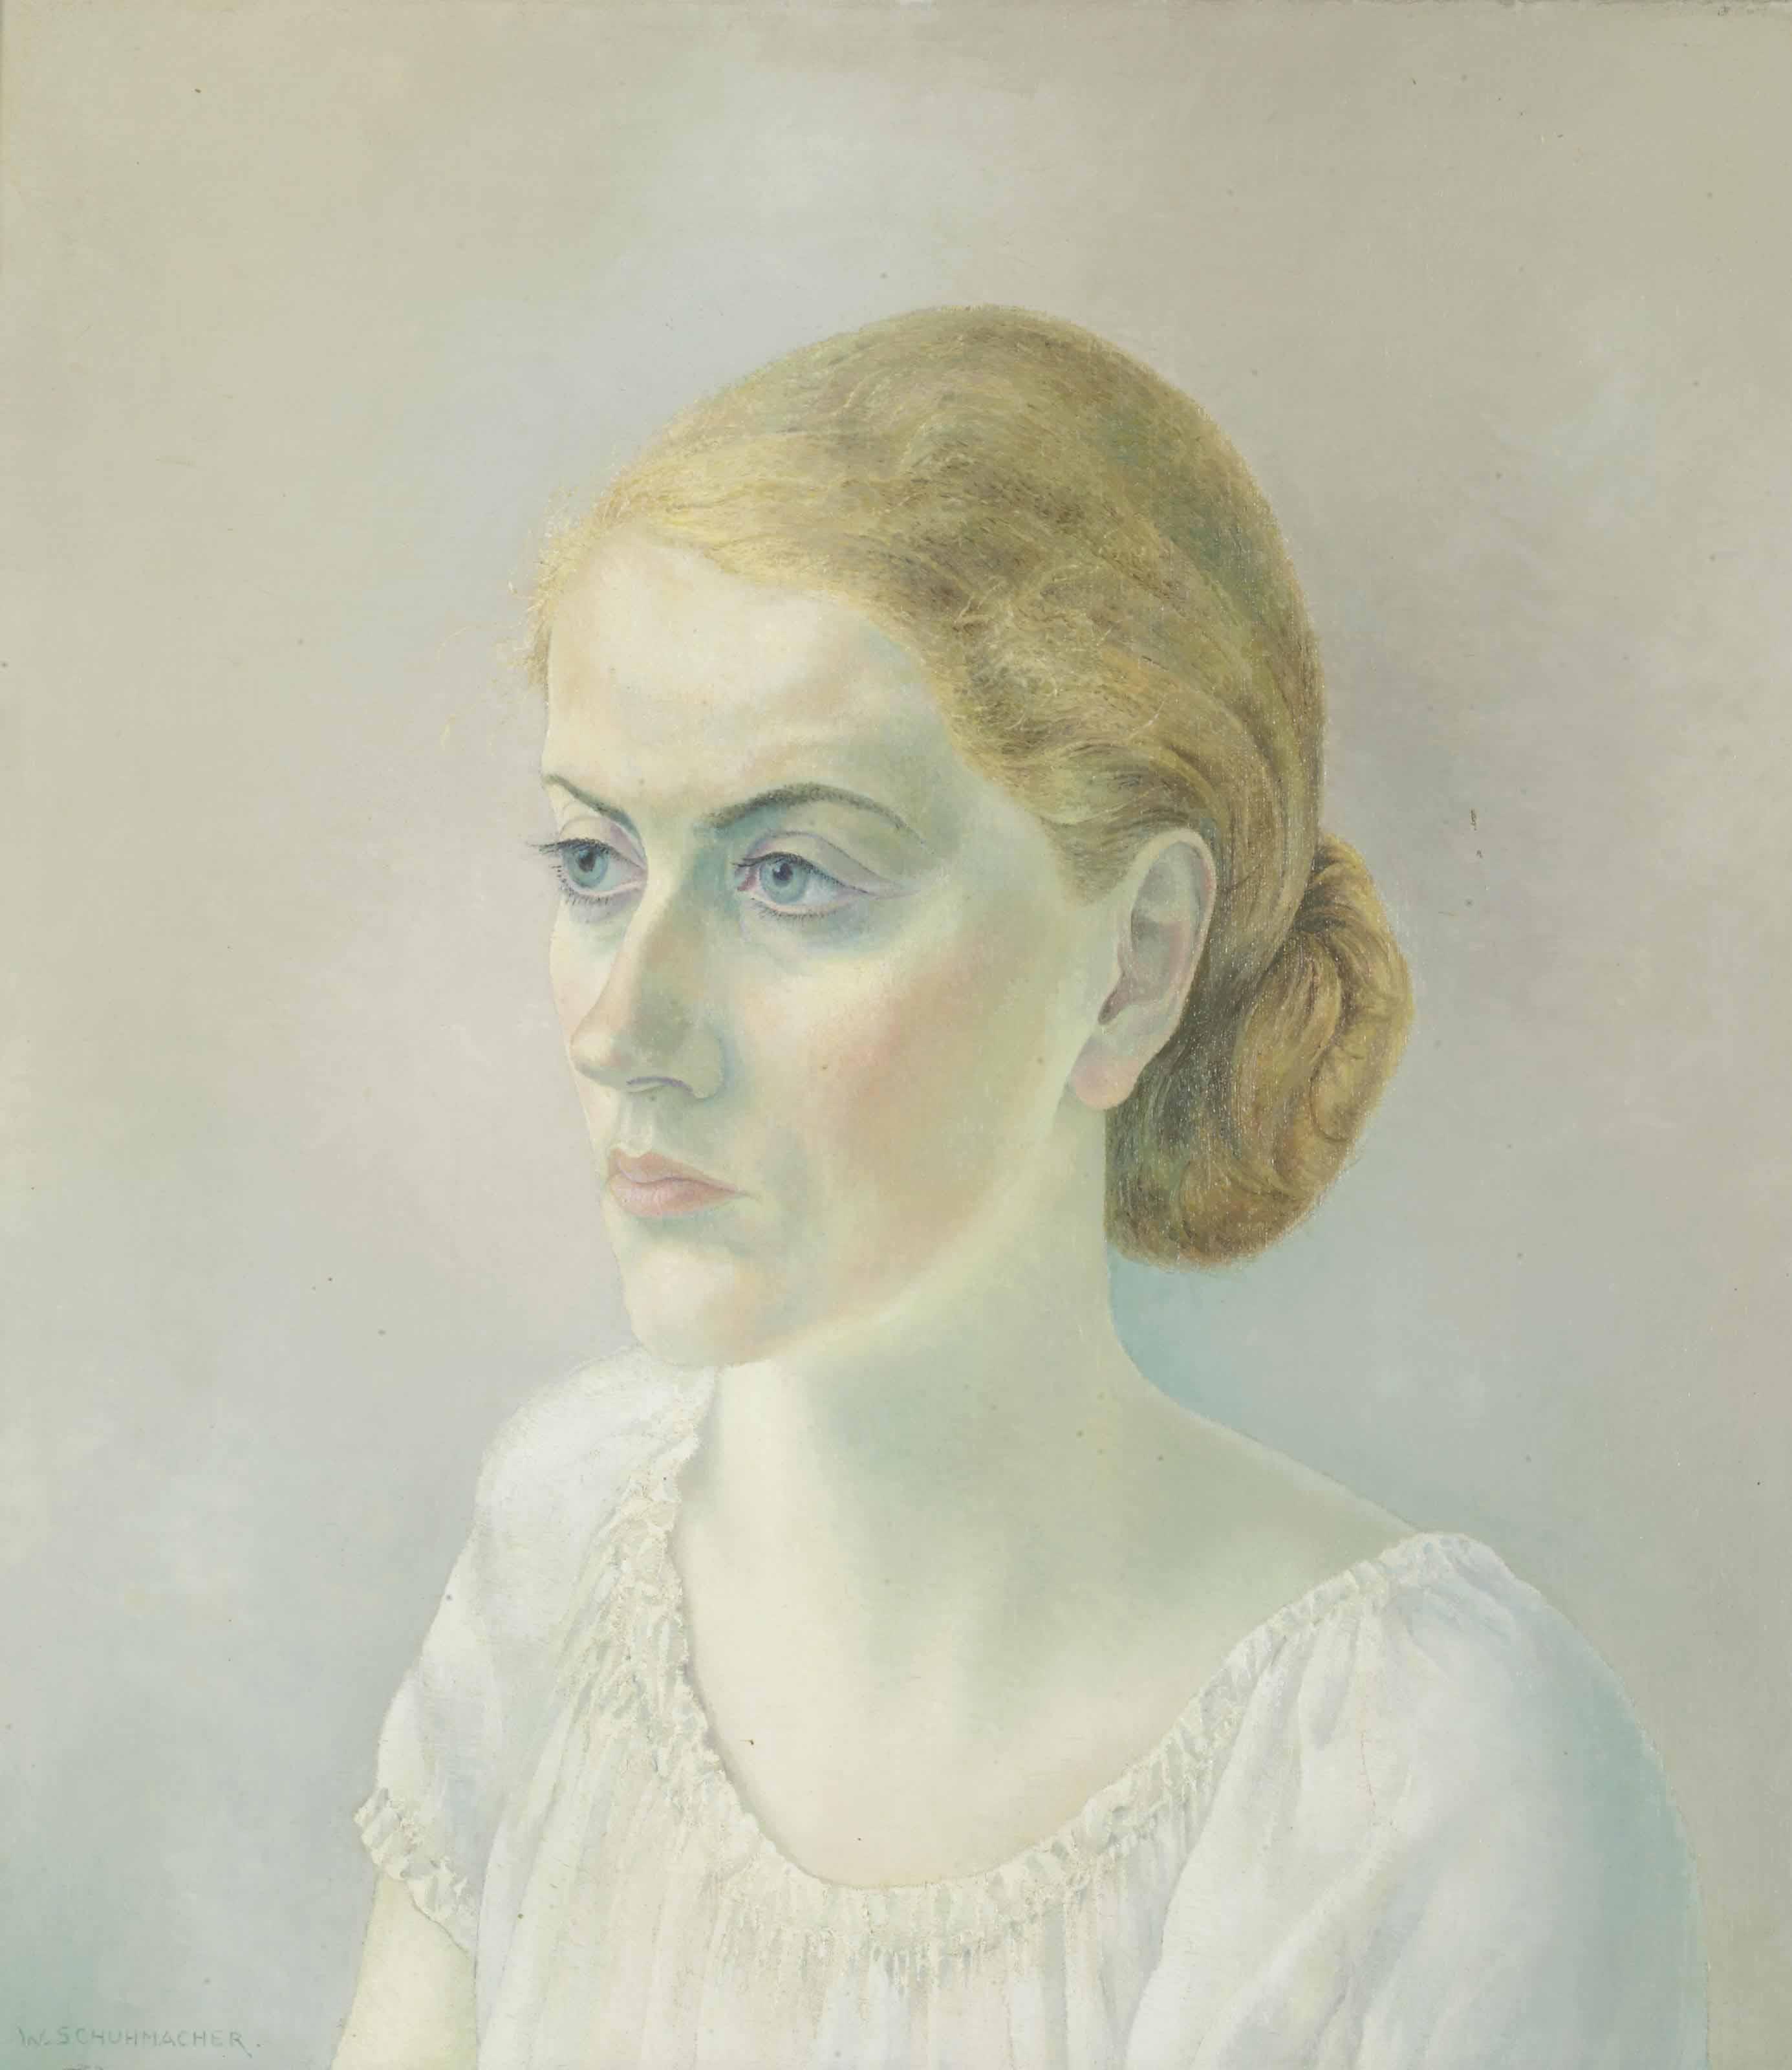 A portrait of Lydia Labuschagne